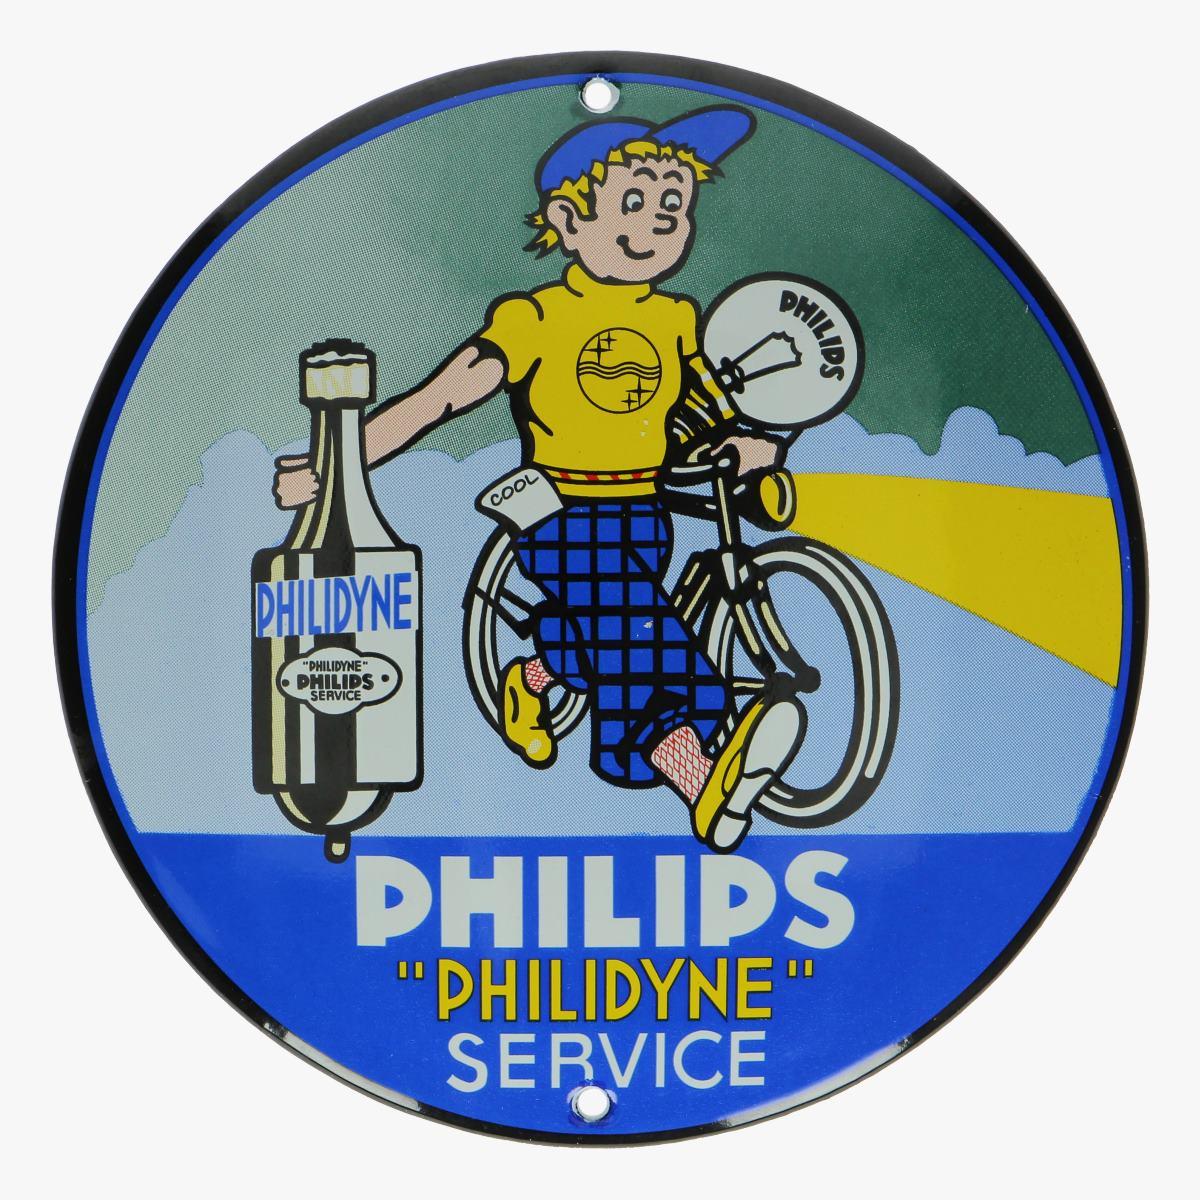 Afbeeldingen van emaille bordje philips philidyn service